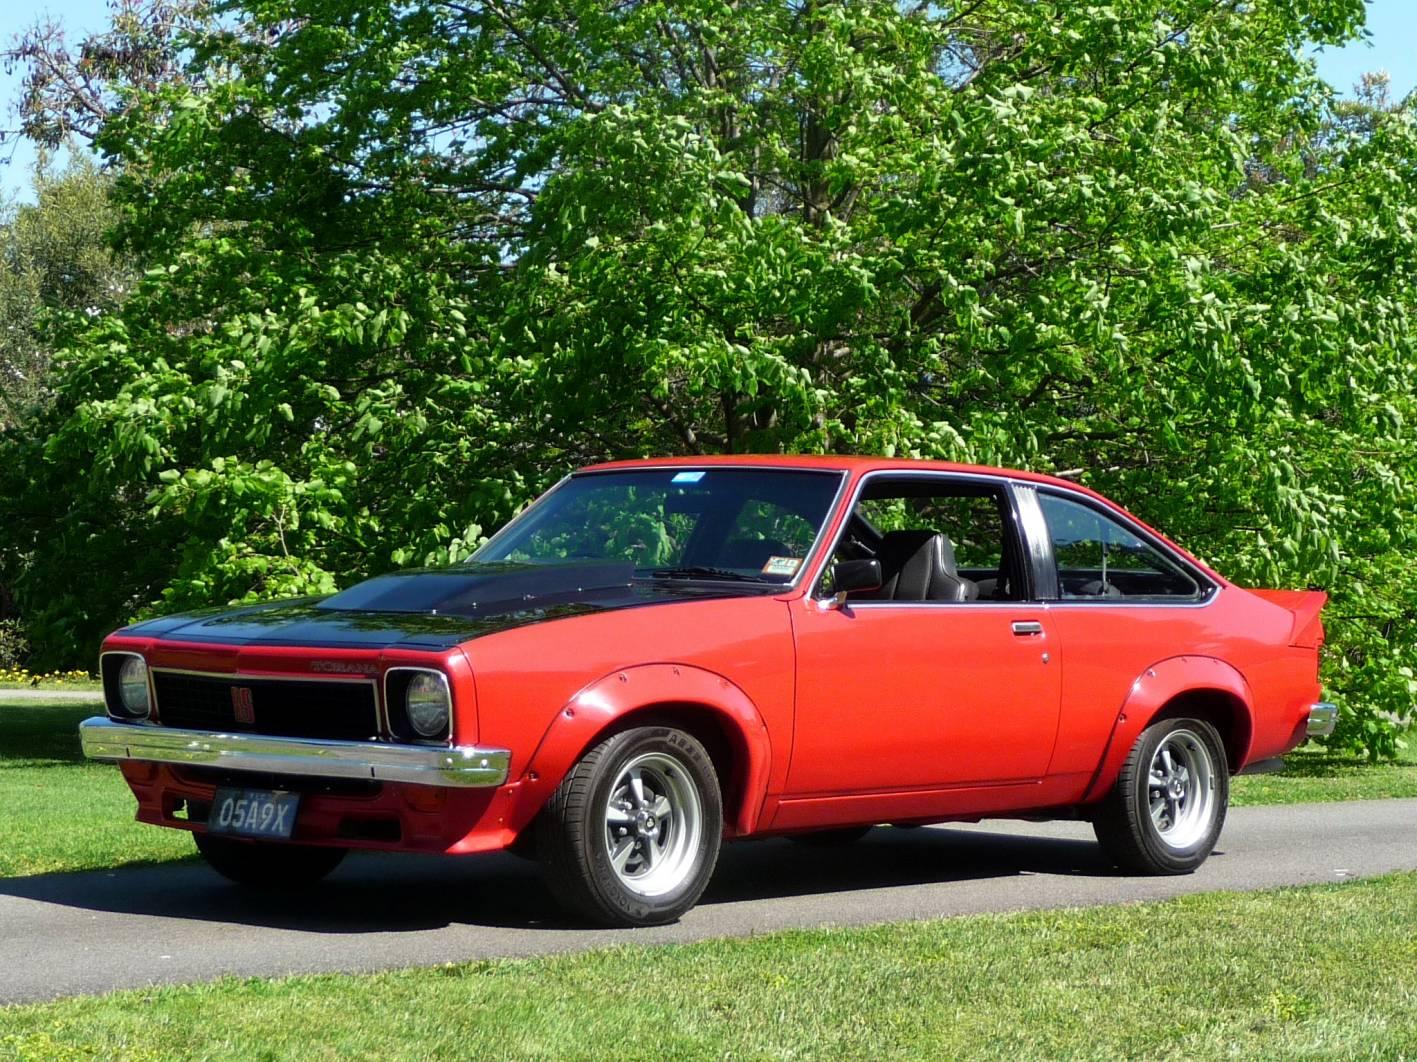 1977 Holden Lx Torana A9x Hatchback